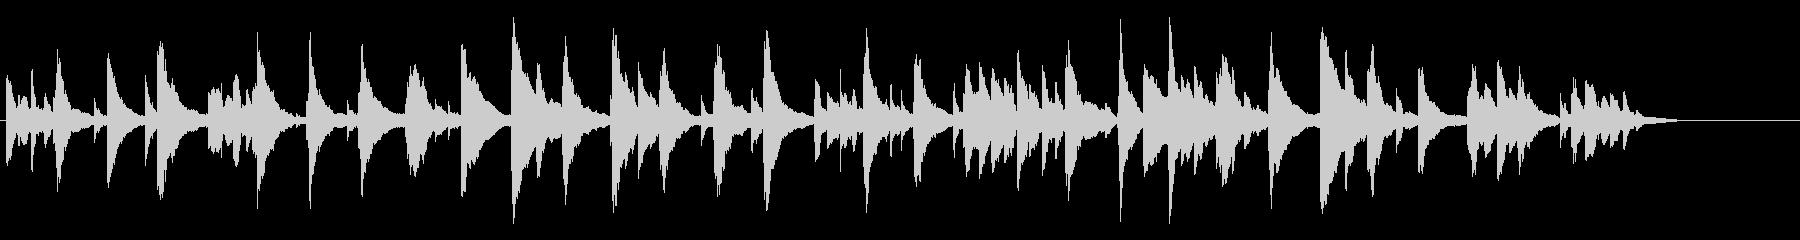 シンセによるシンプルなBGM(シンプル)の未再生の波形